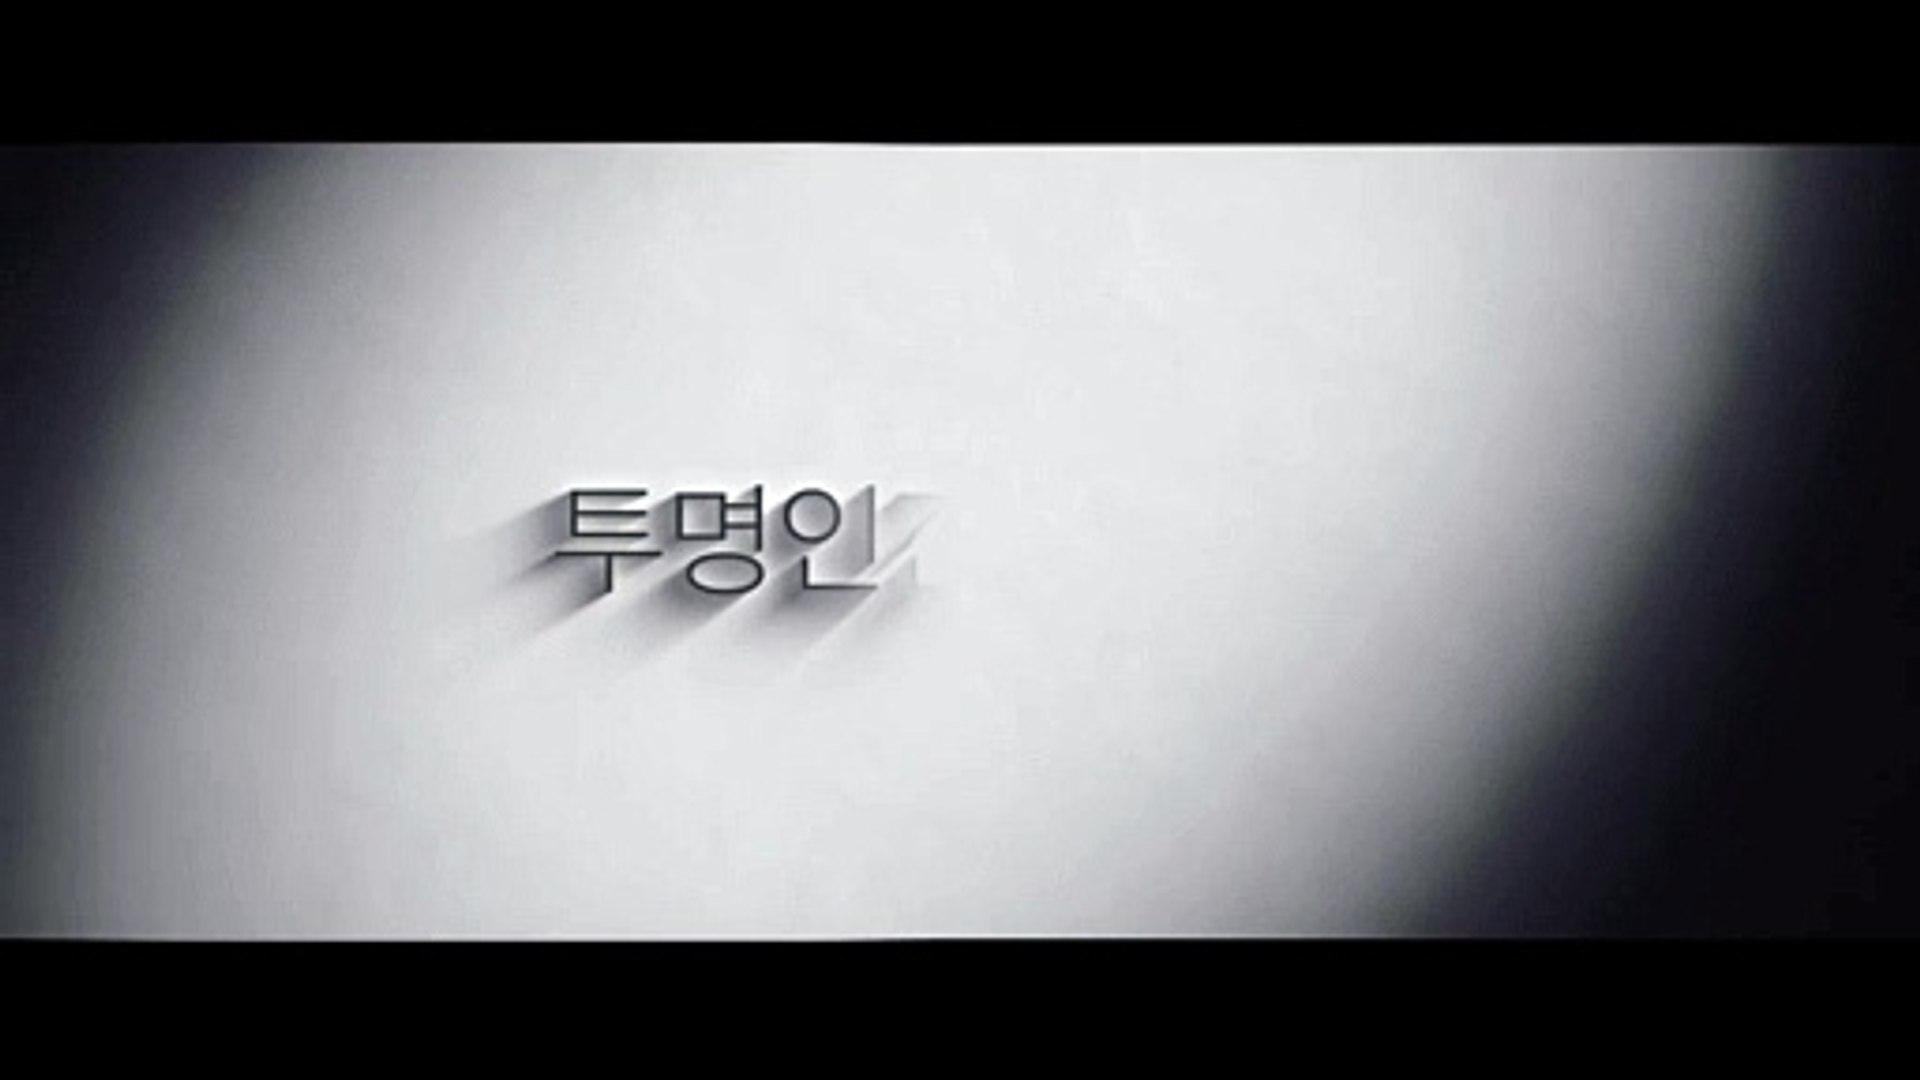 영화 [인비저블맨] 1mm 근접공포 영상